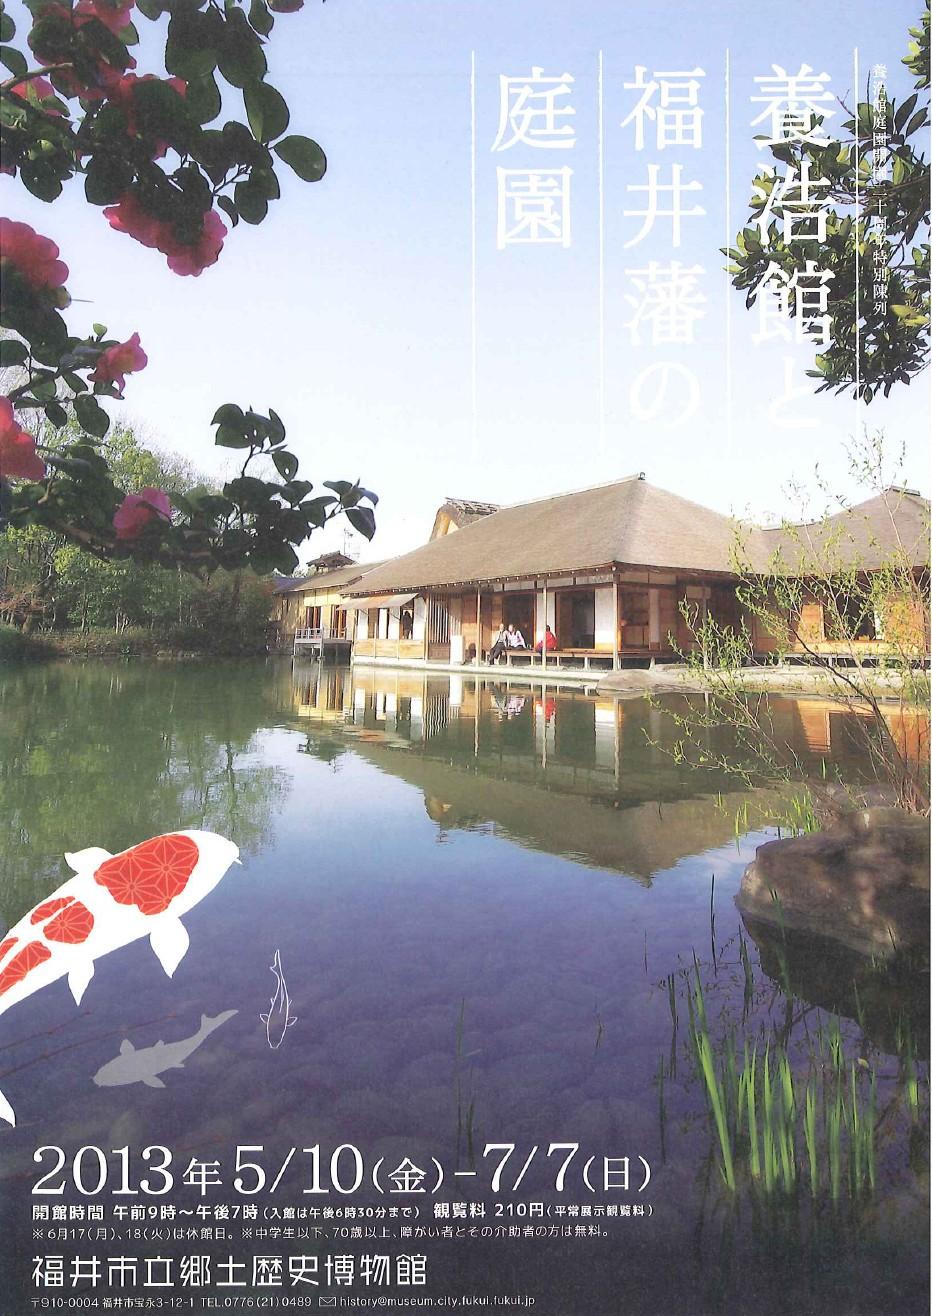 養浩館庭園と福井藩の庭園